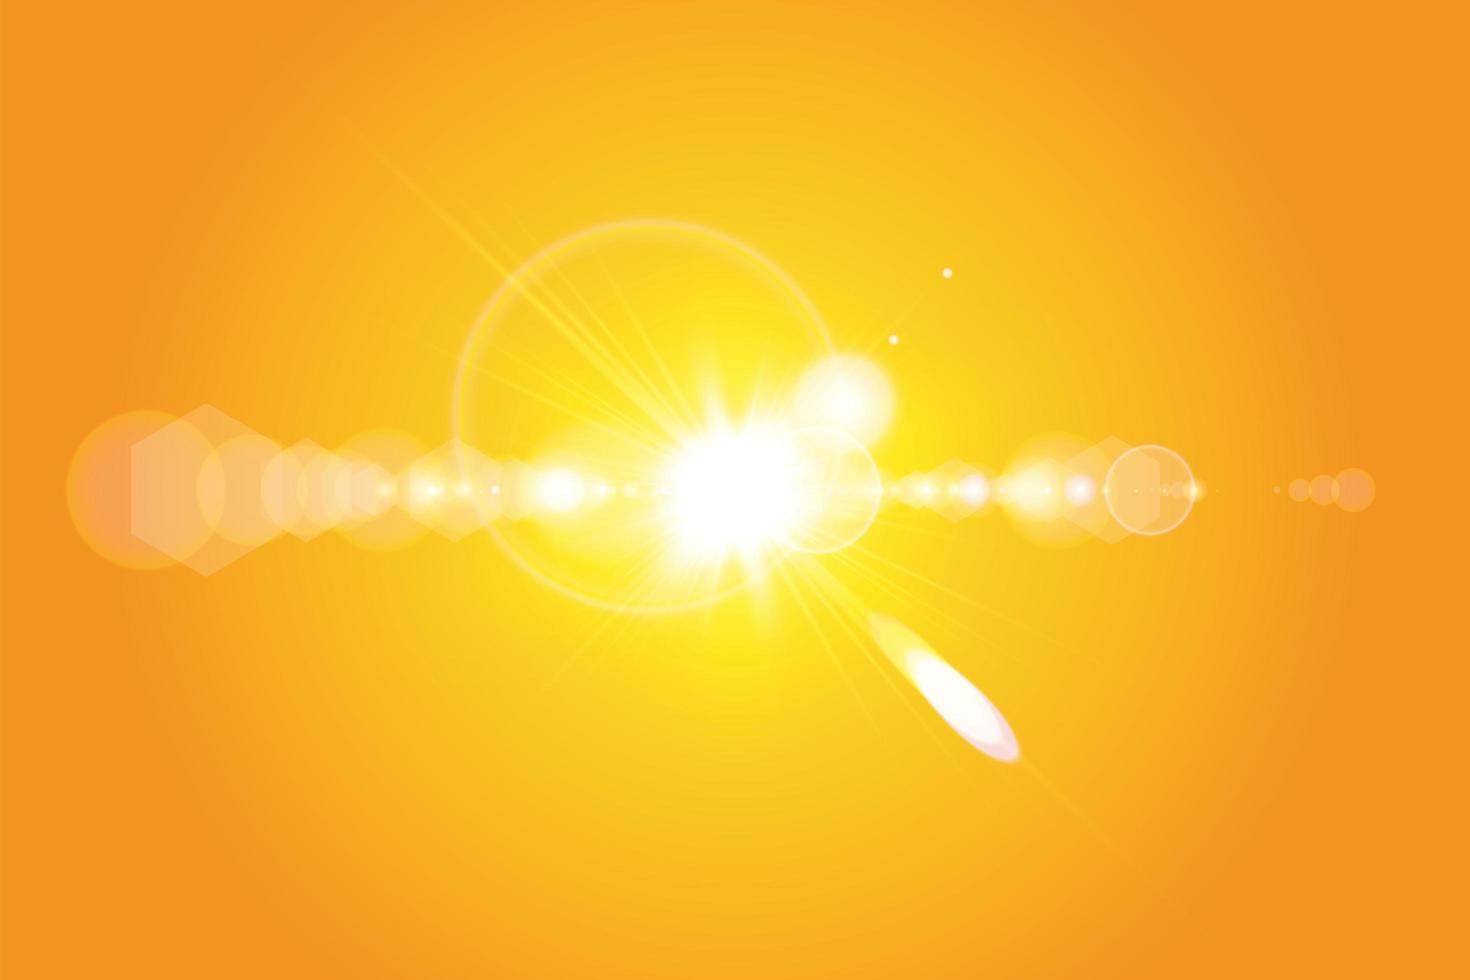 varm sol och blossa på gul orange lutning vektor